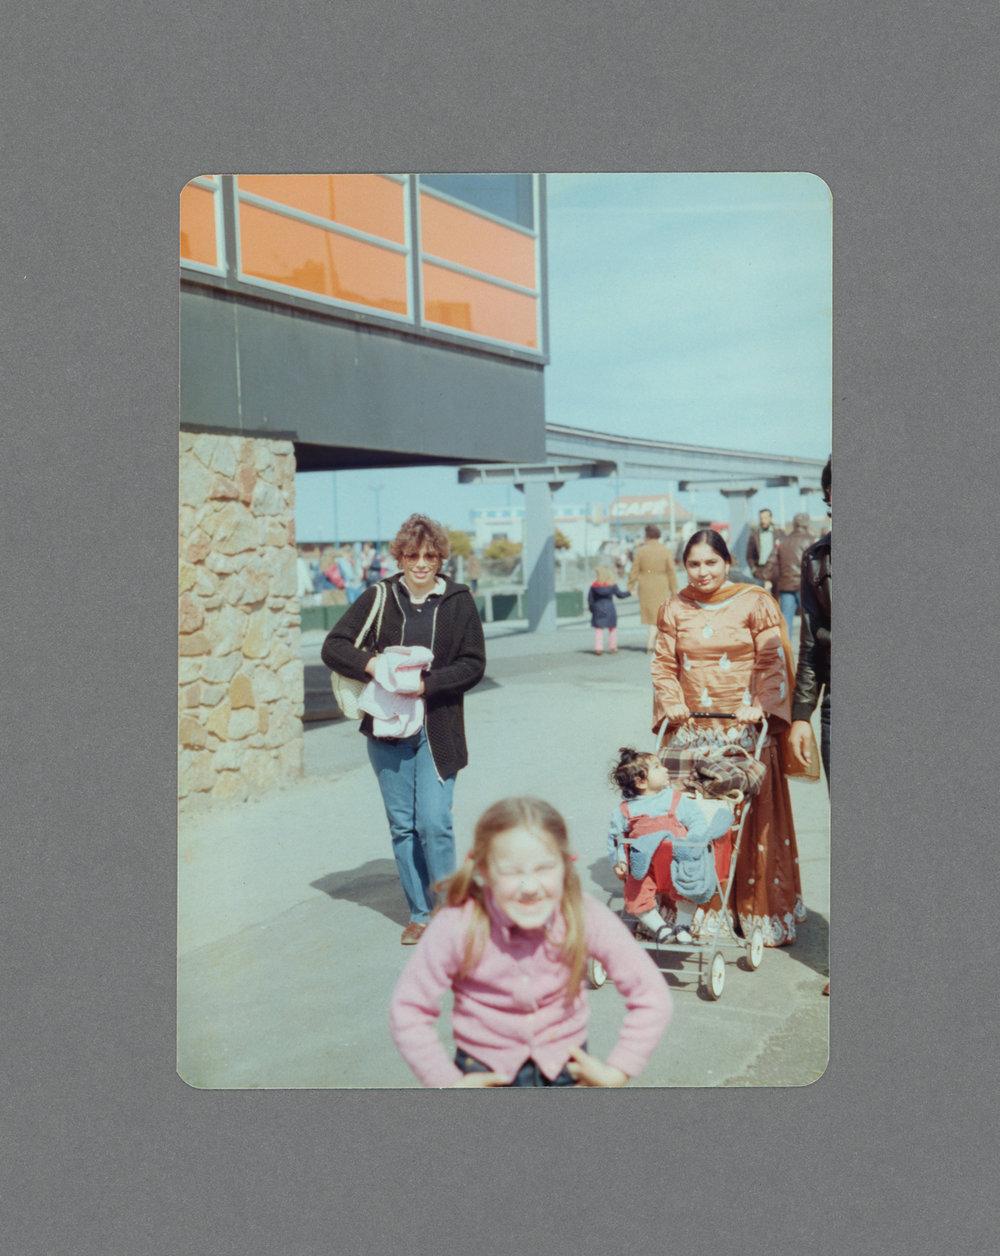 Rhyl, Wales c.1982